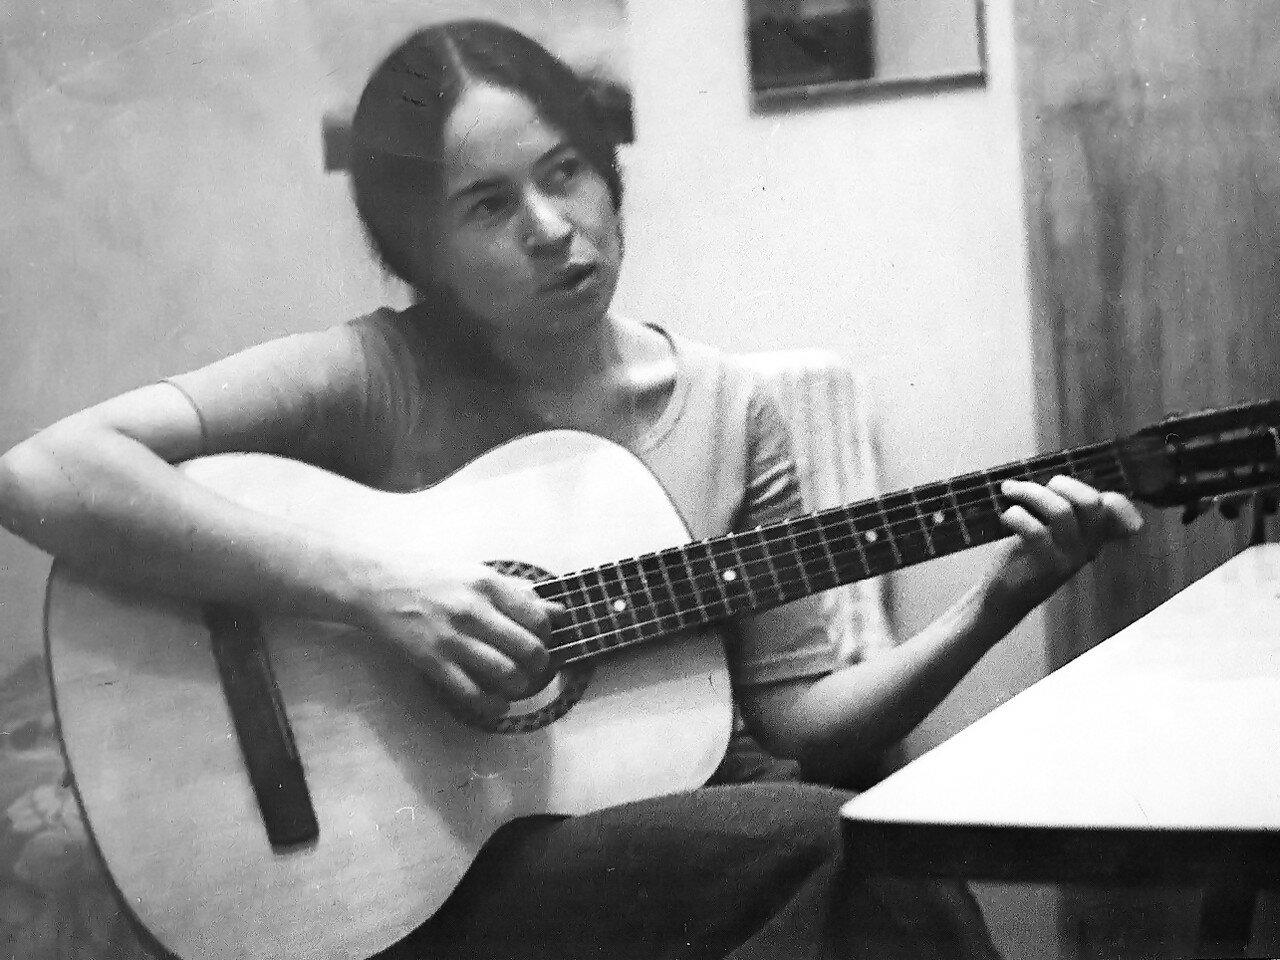 1970. Оля Дмитриева (ЭТ-эп-69) с гитарой неразлучною